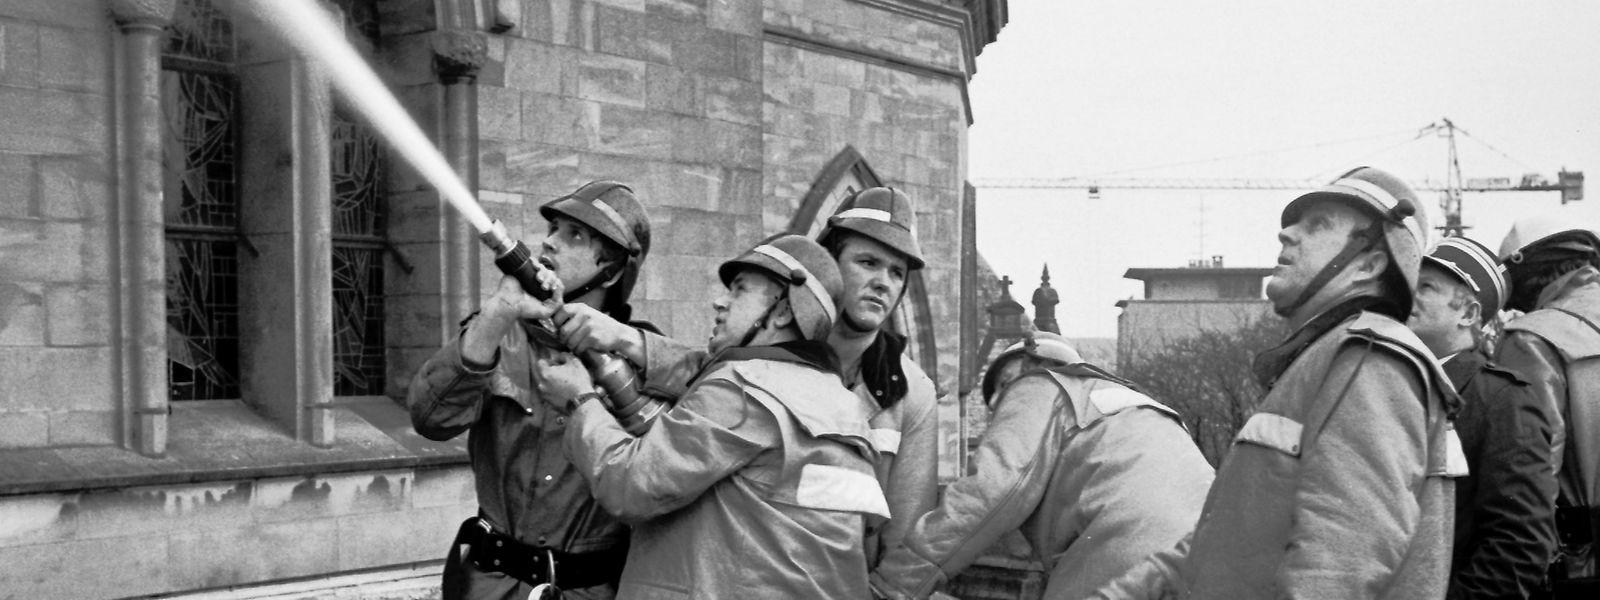 Die Feuerwehr konnte den Einsturz des Turmes nicht verhindern.